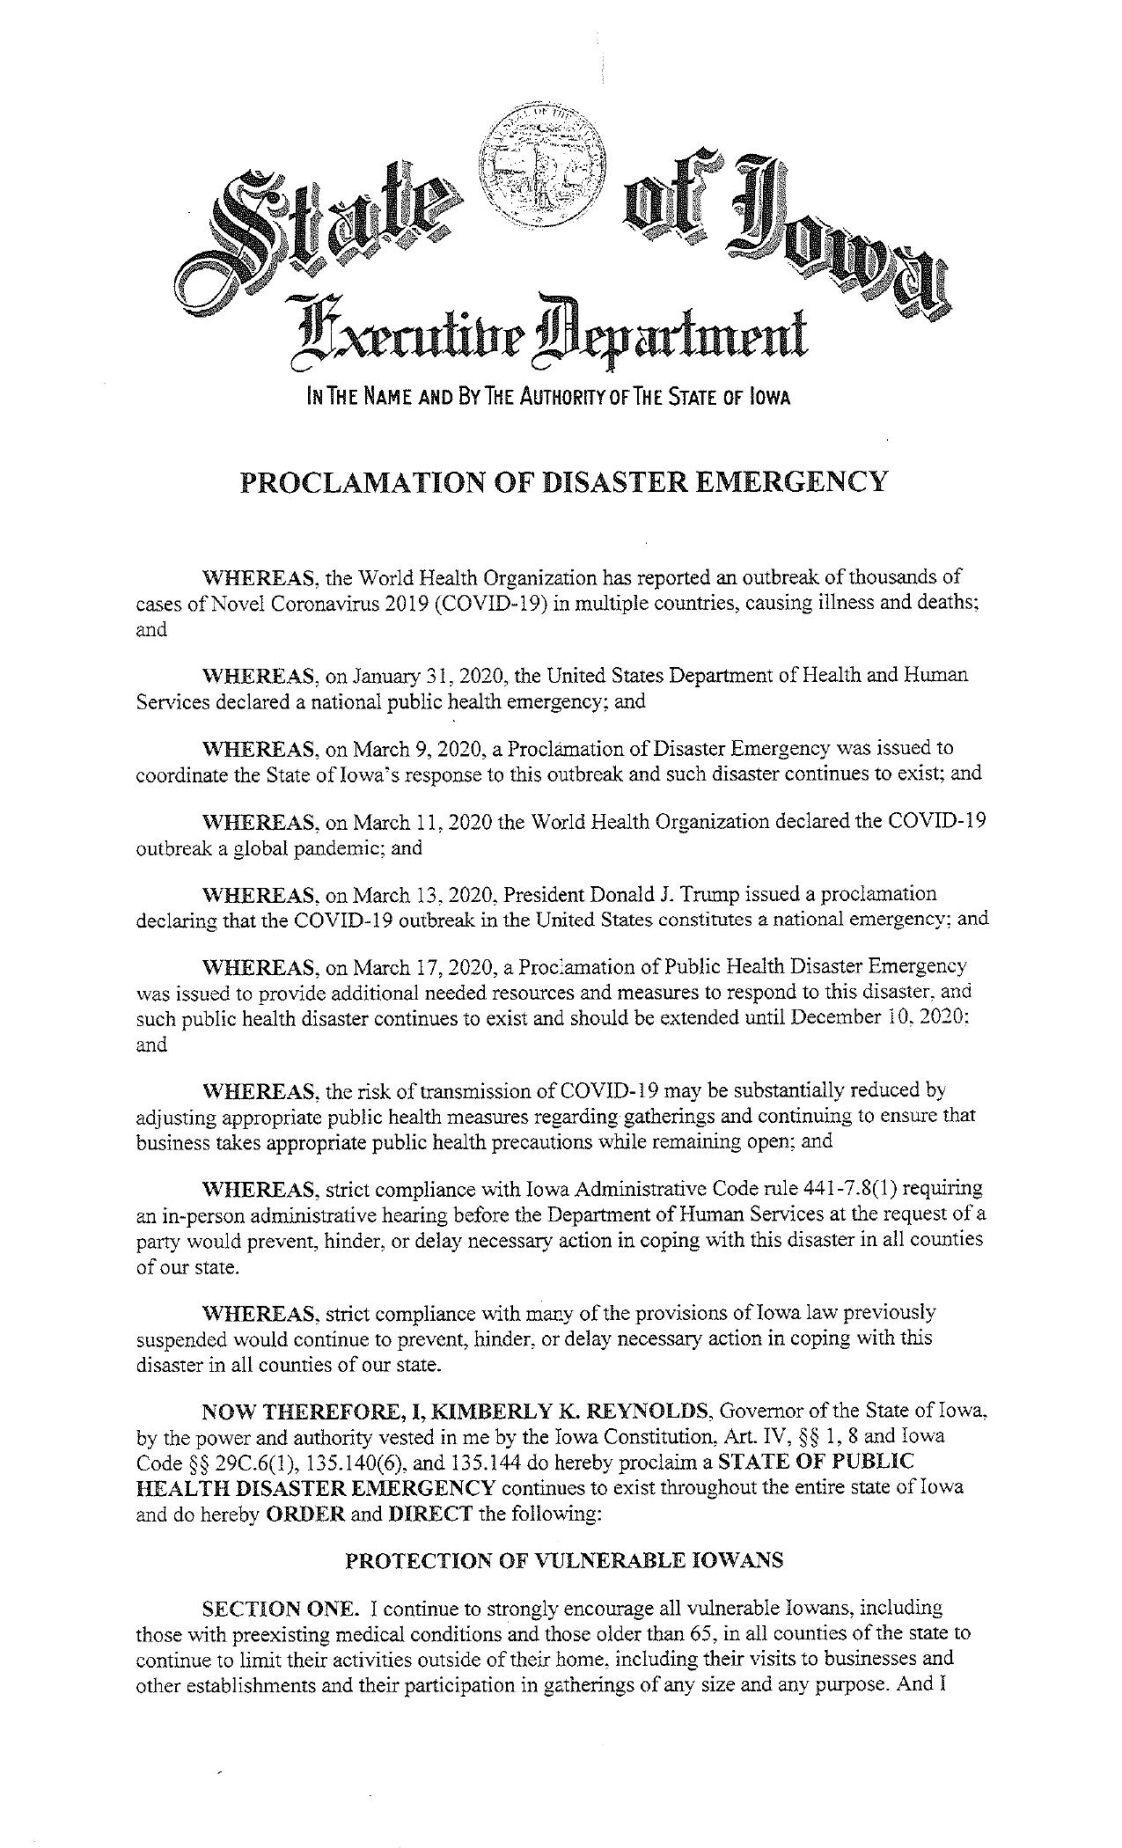 Kim Reynolds Public Health Proclamation